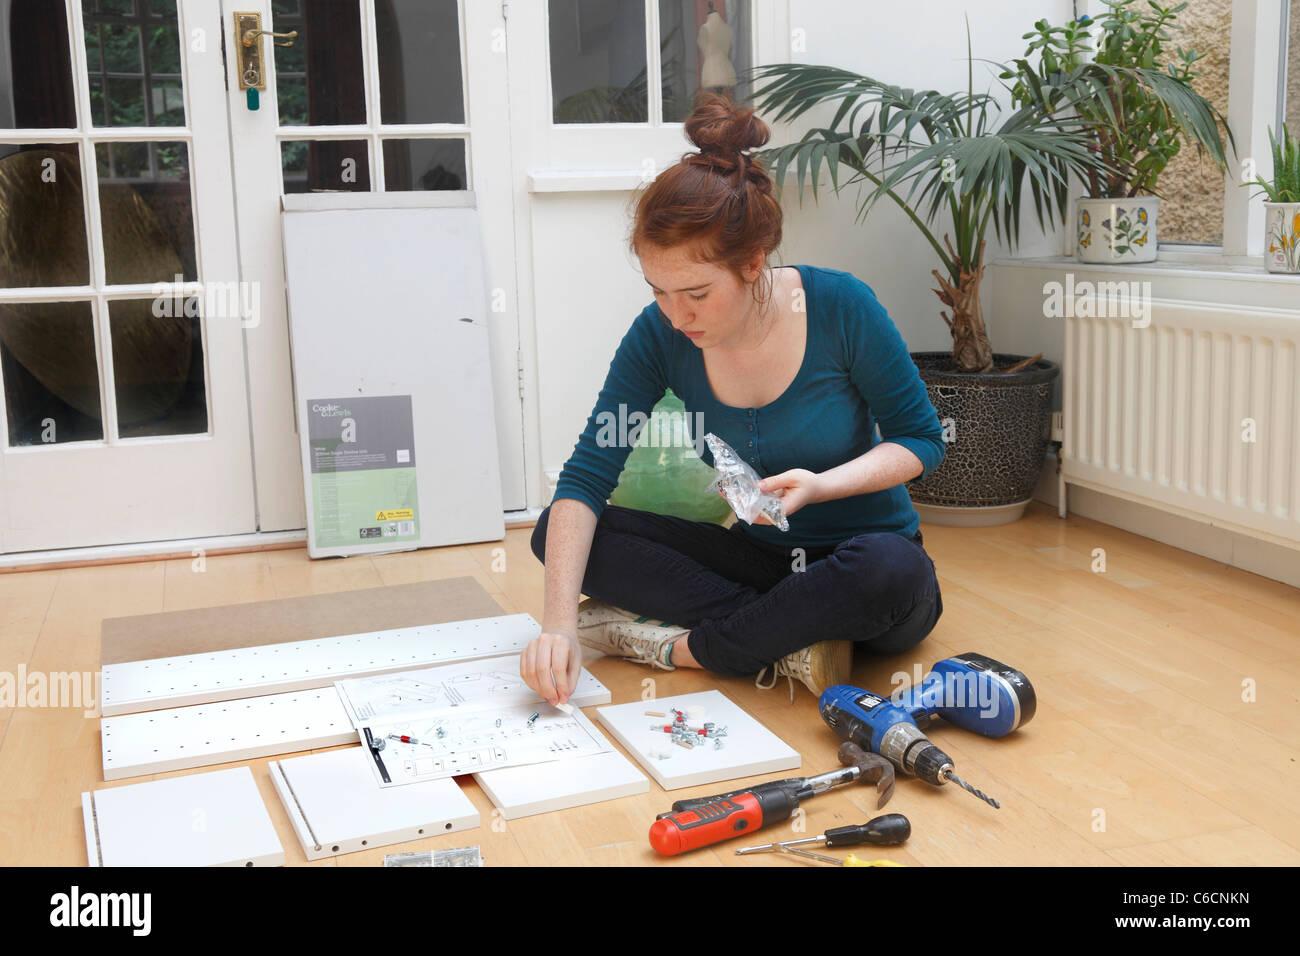 Joven haciendo un gabinete desde un 'Flat Pack' Kit de bricolaje. Imagen De Stock